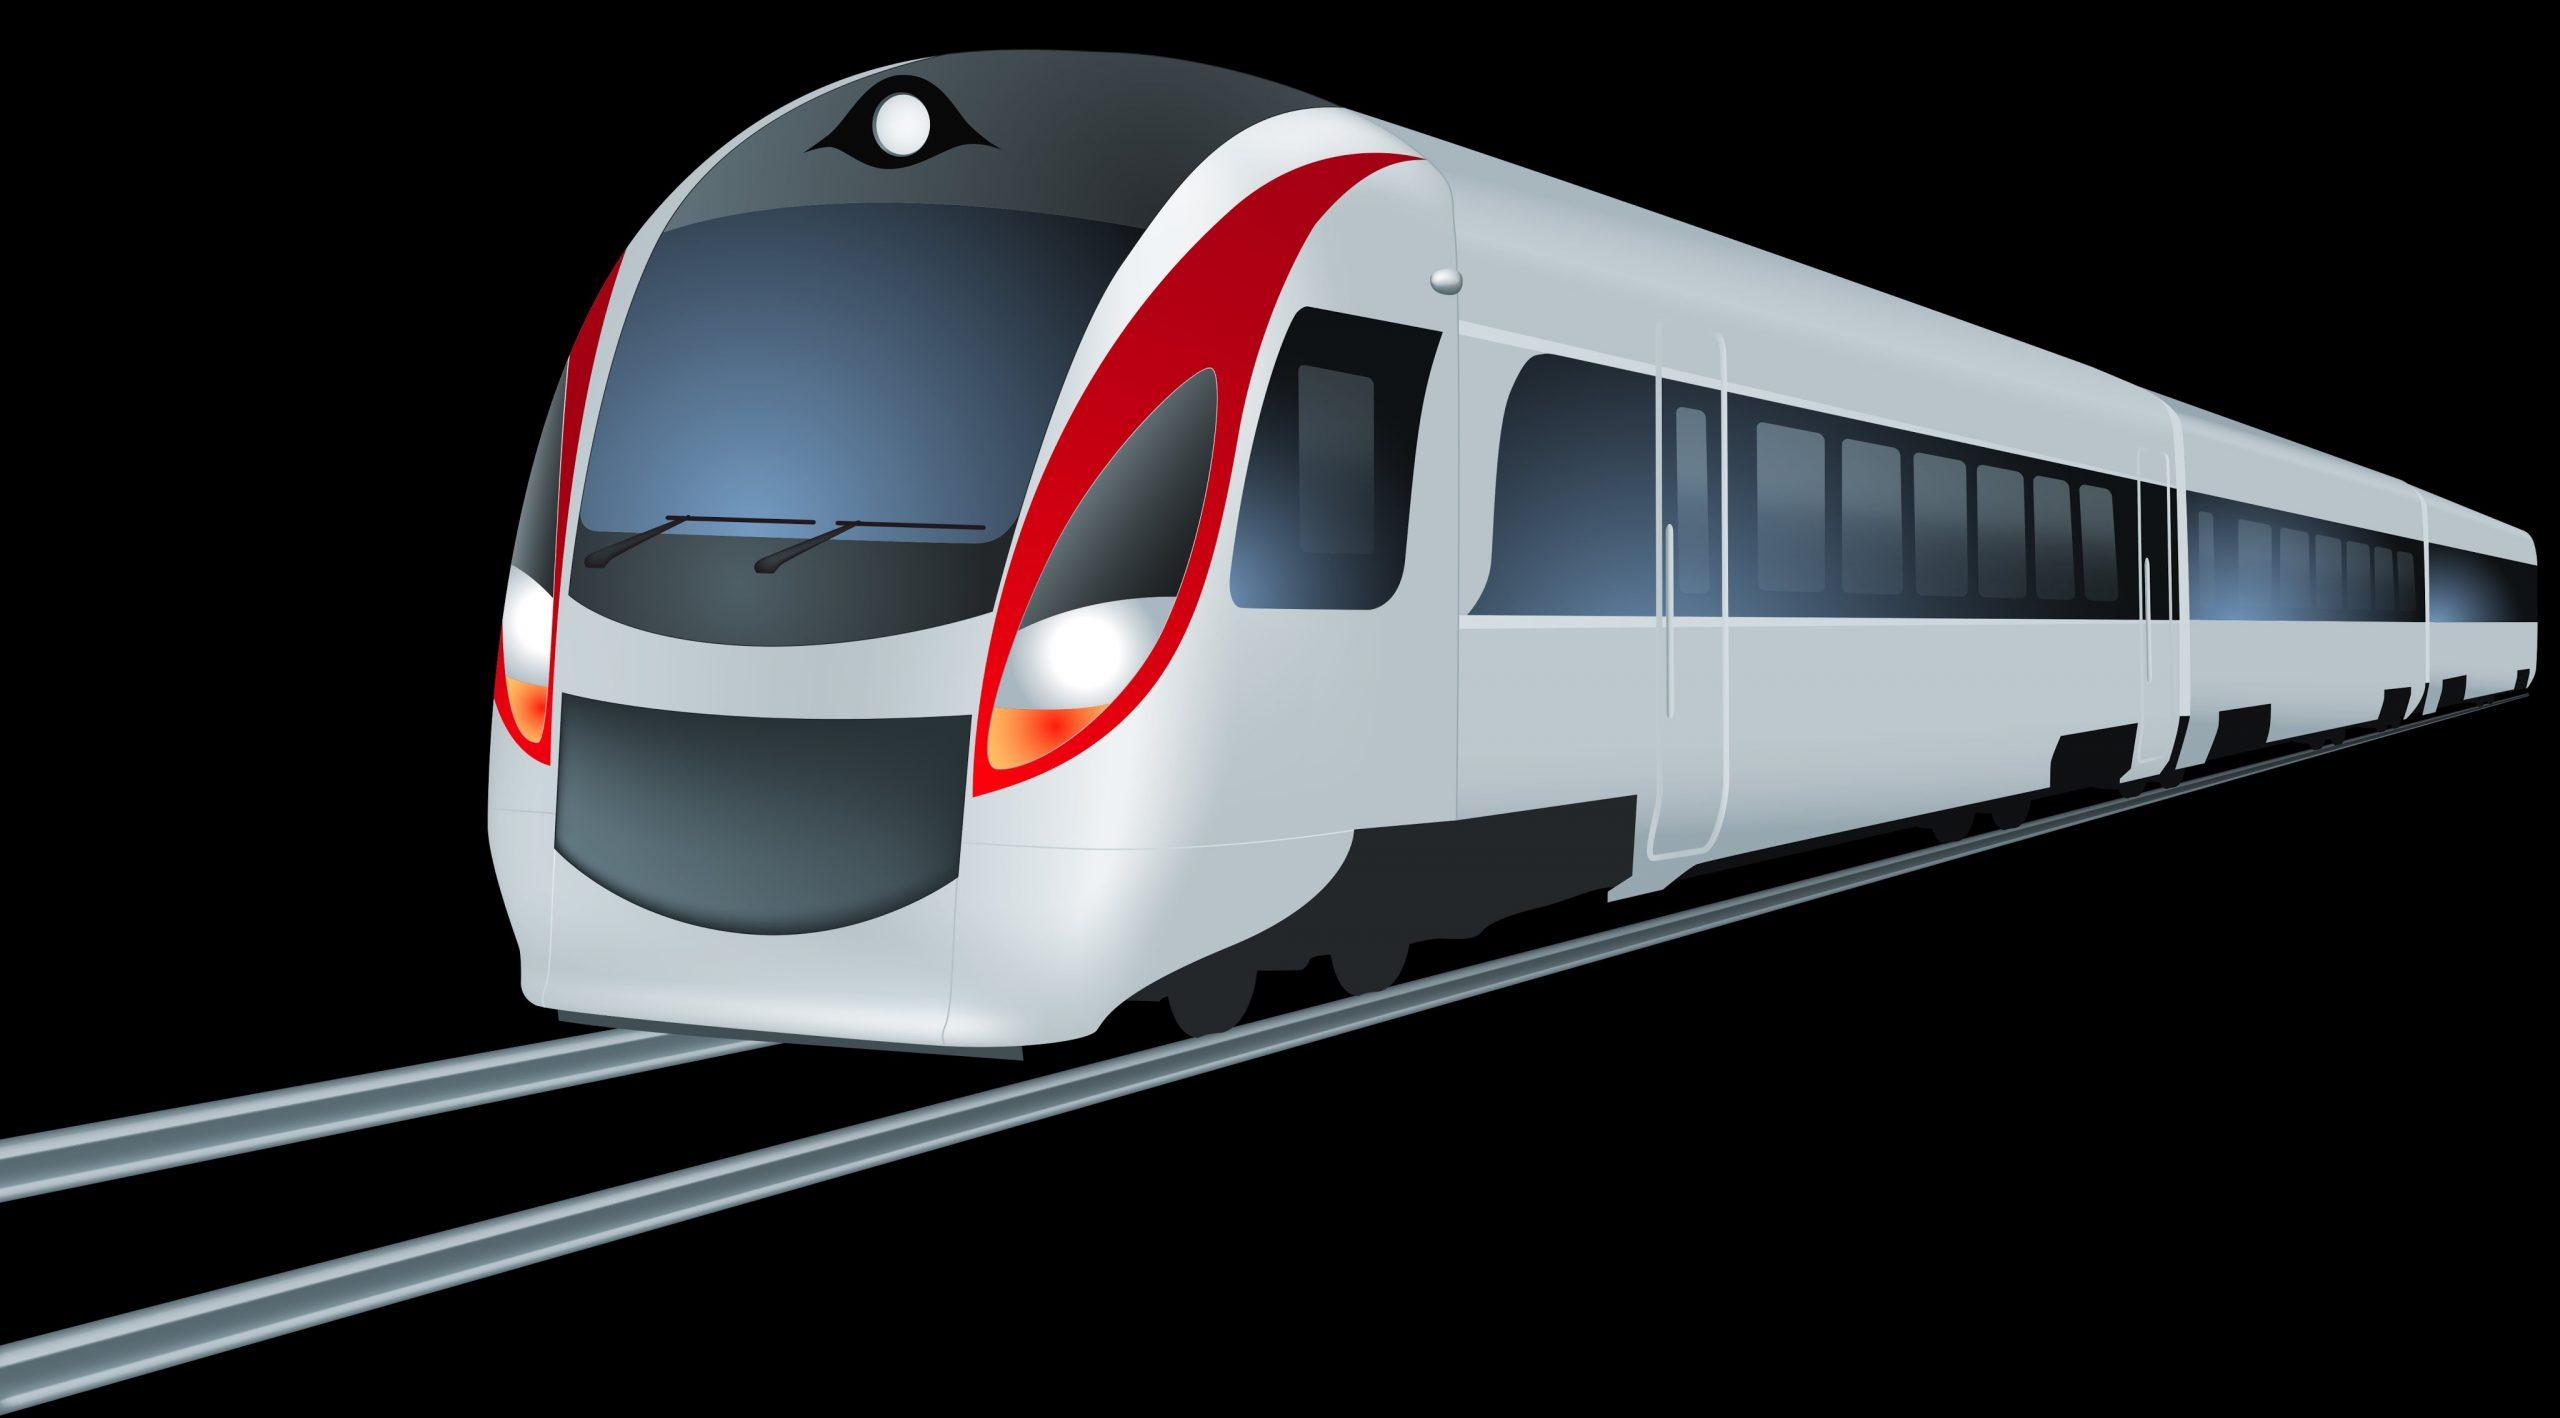 القطار في الحلم scaled